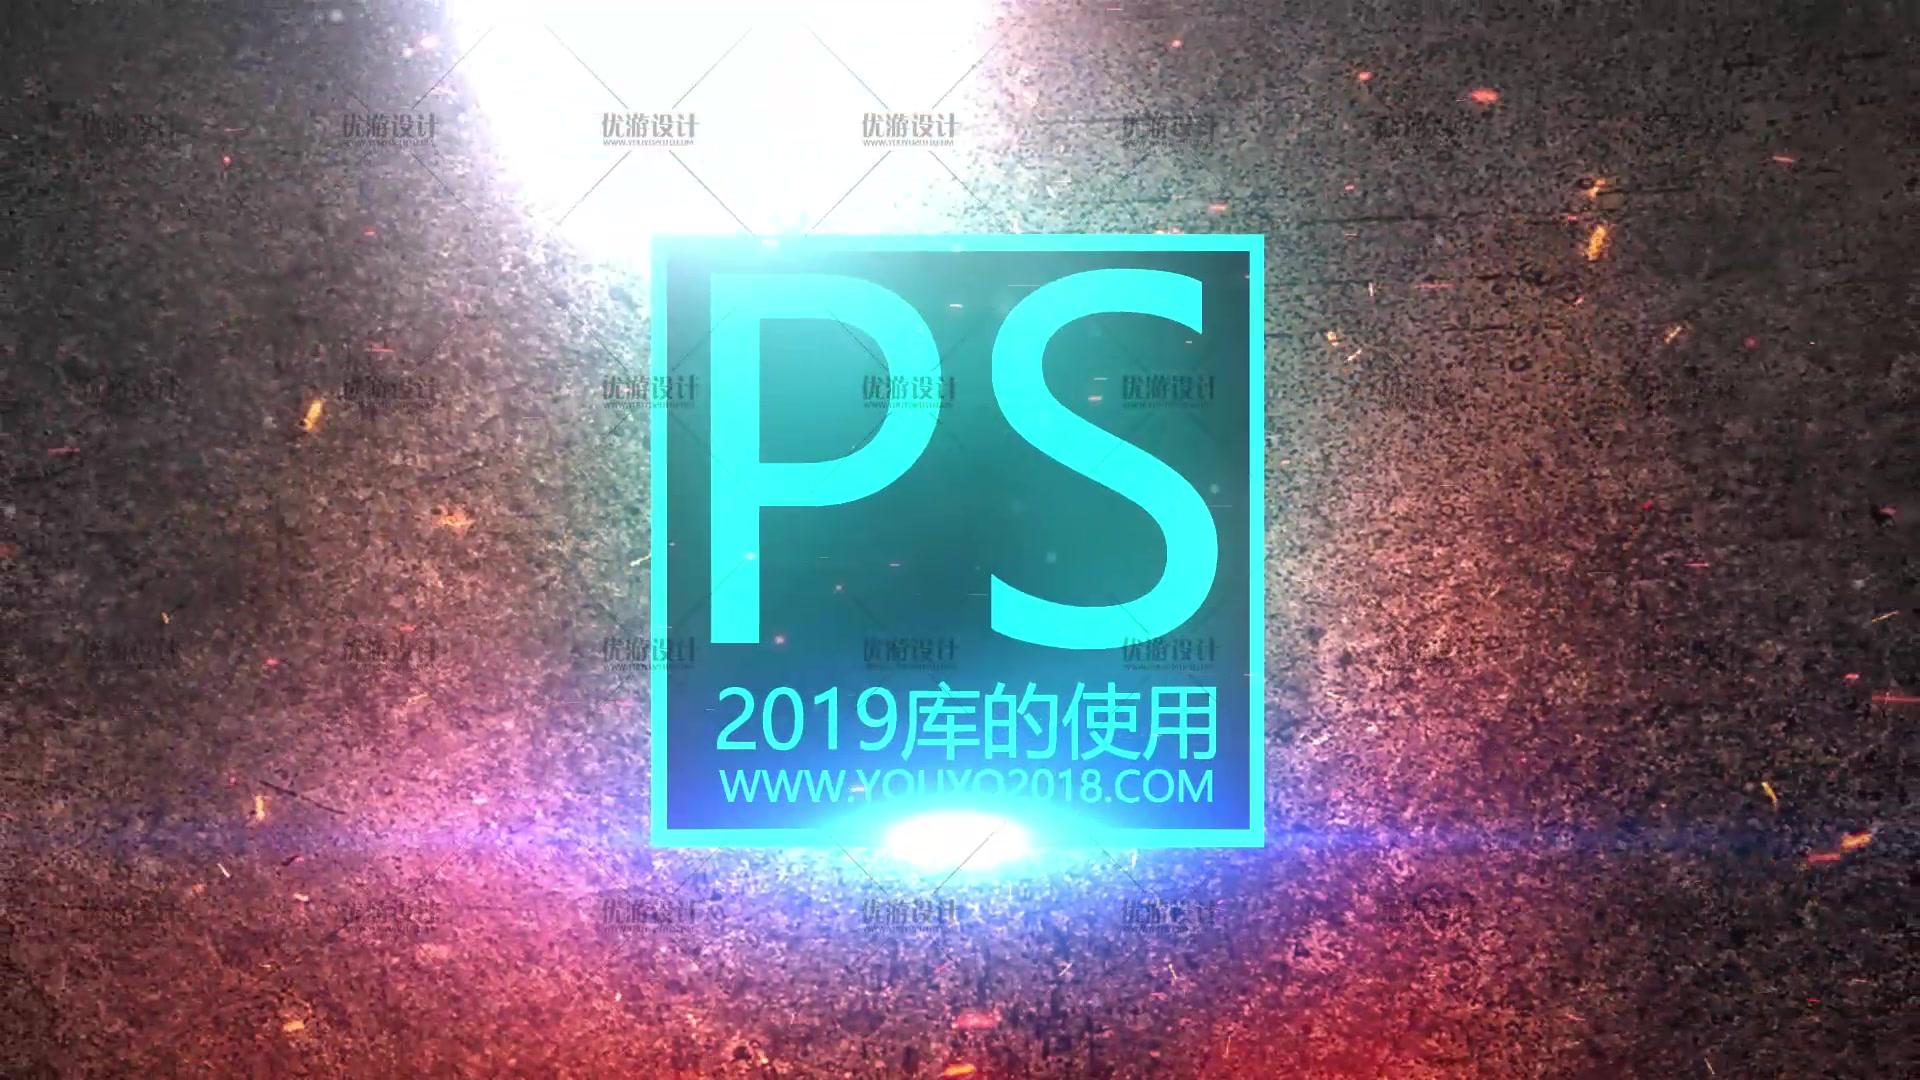 Photoshop CC2019中文「永久激活破解v20.0.3 (x64)解锁库」